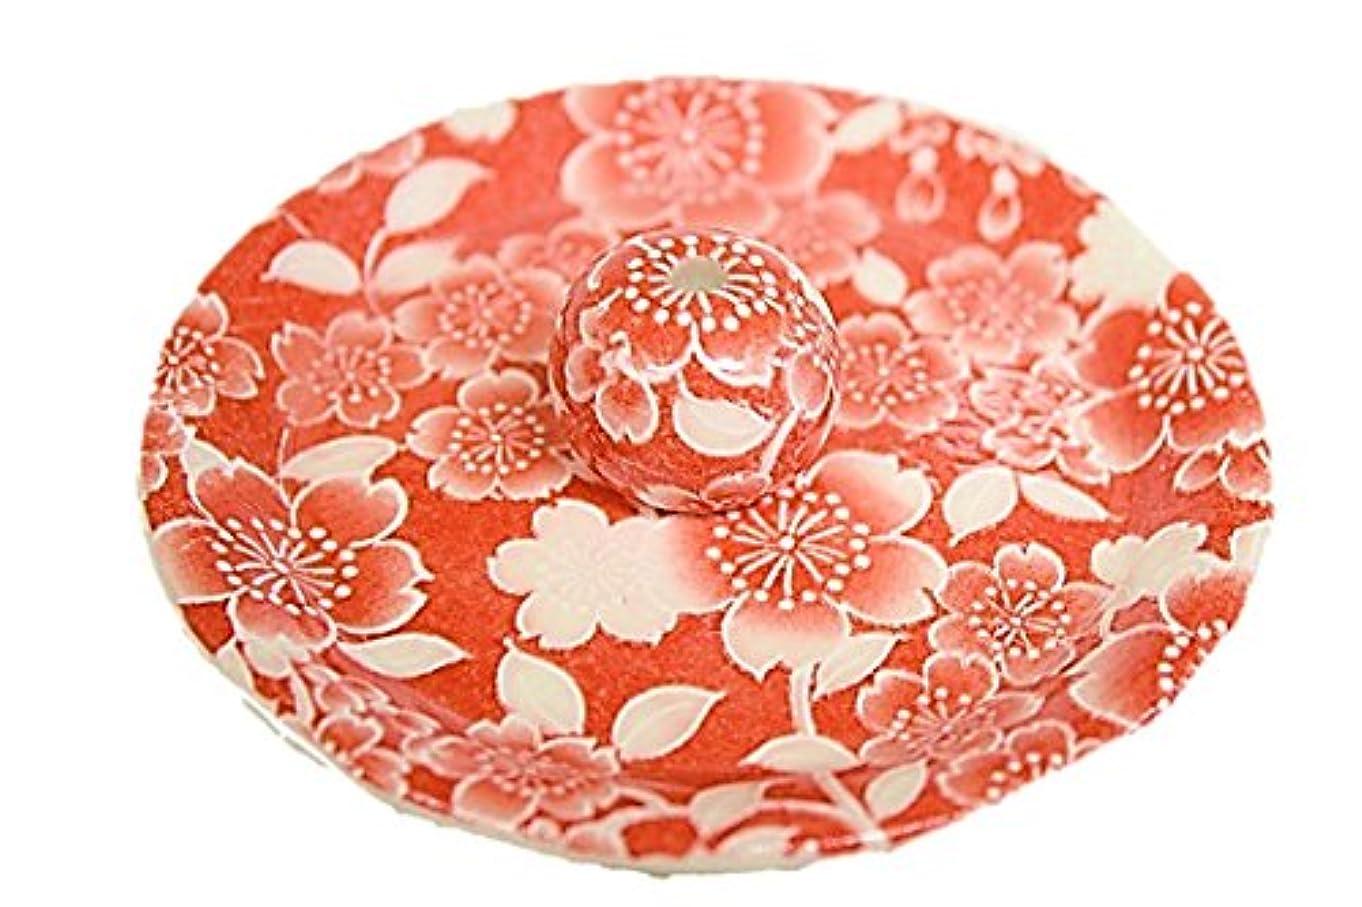 分注する吹雪ナンセンス9-27 桜友禅 赤 9cm香皿 お香立て お香たて 陶器 日本製 製造 直売